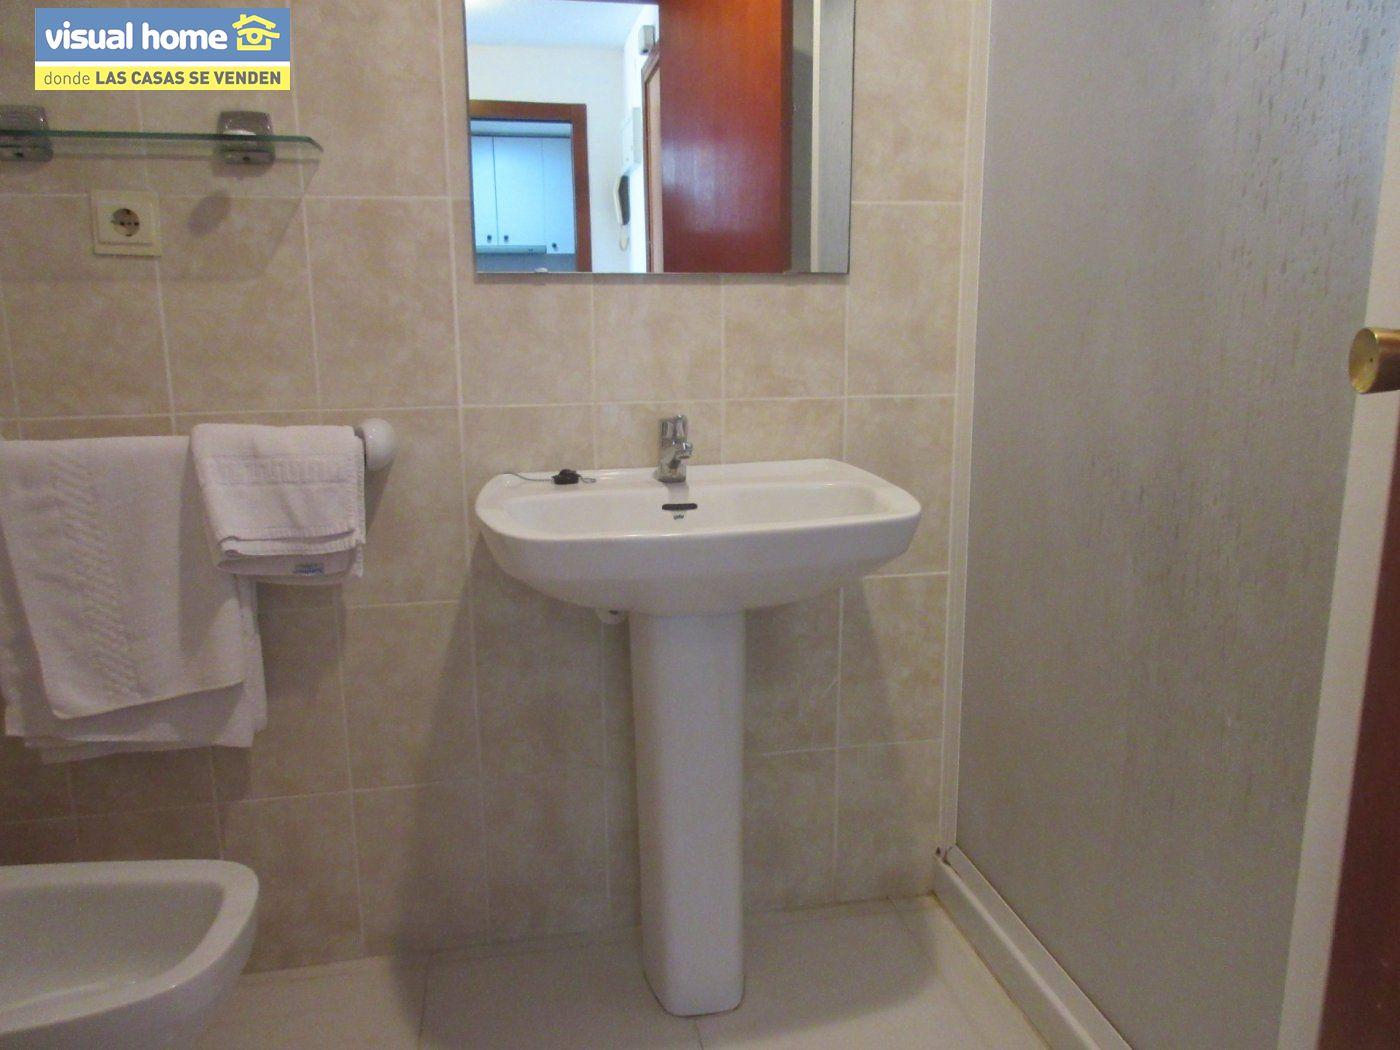 Apartamento de un dormitorio con parking y piscina en Rincón de Loix llano 9